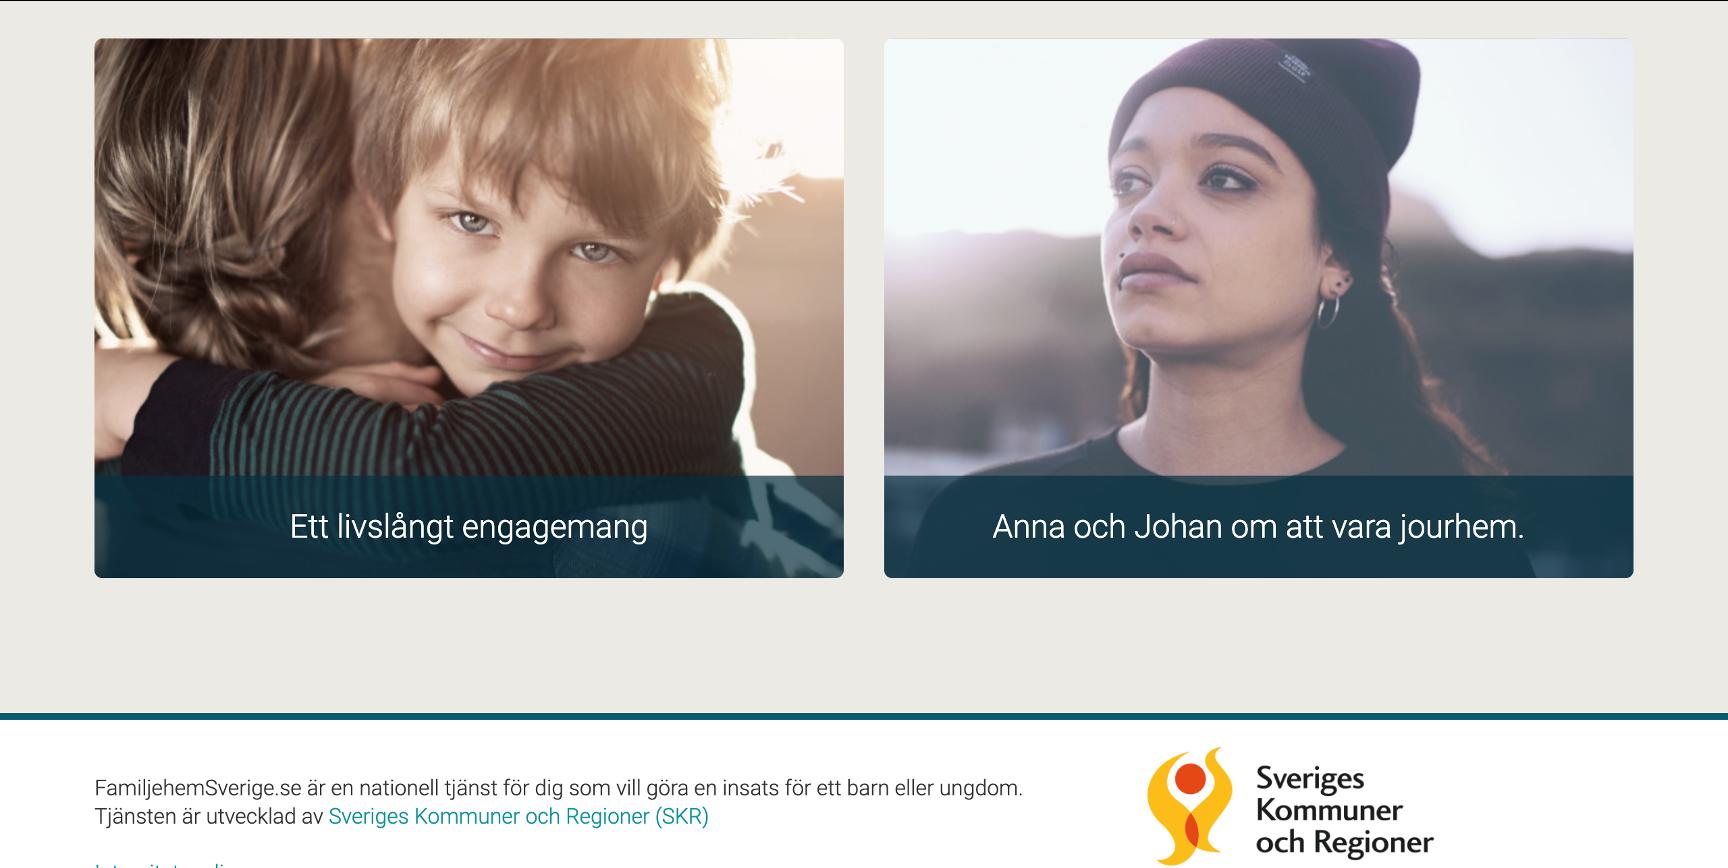 Familjehem för trygga och självsäkra barn ett livslångt åtagande